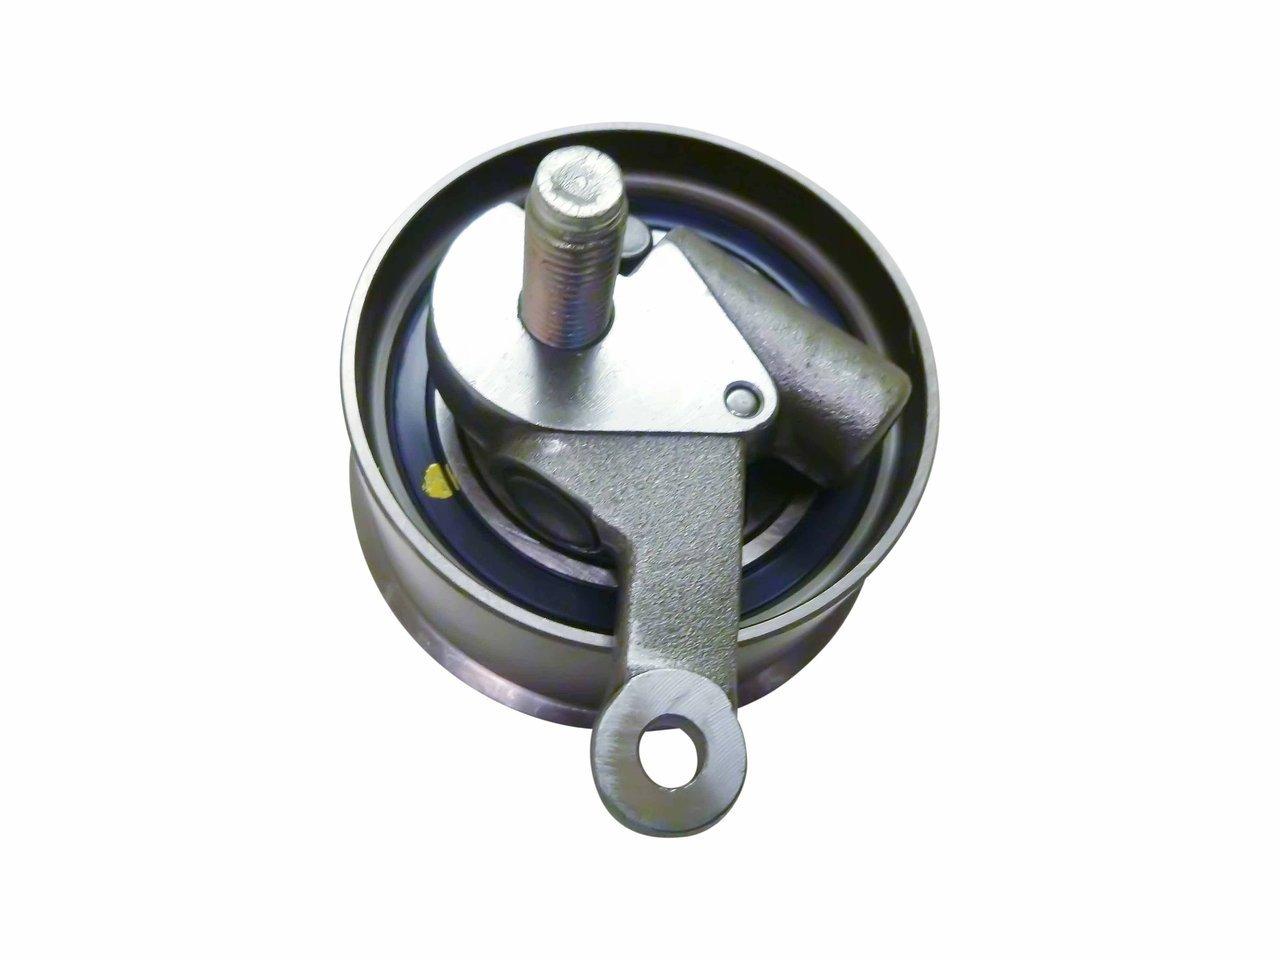 Ford Timing Belt : Timing belt kit mazda bt ford ranger pj l diesel